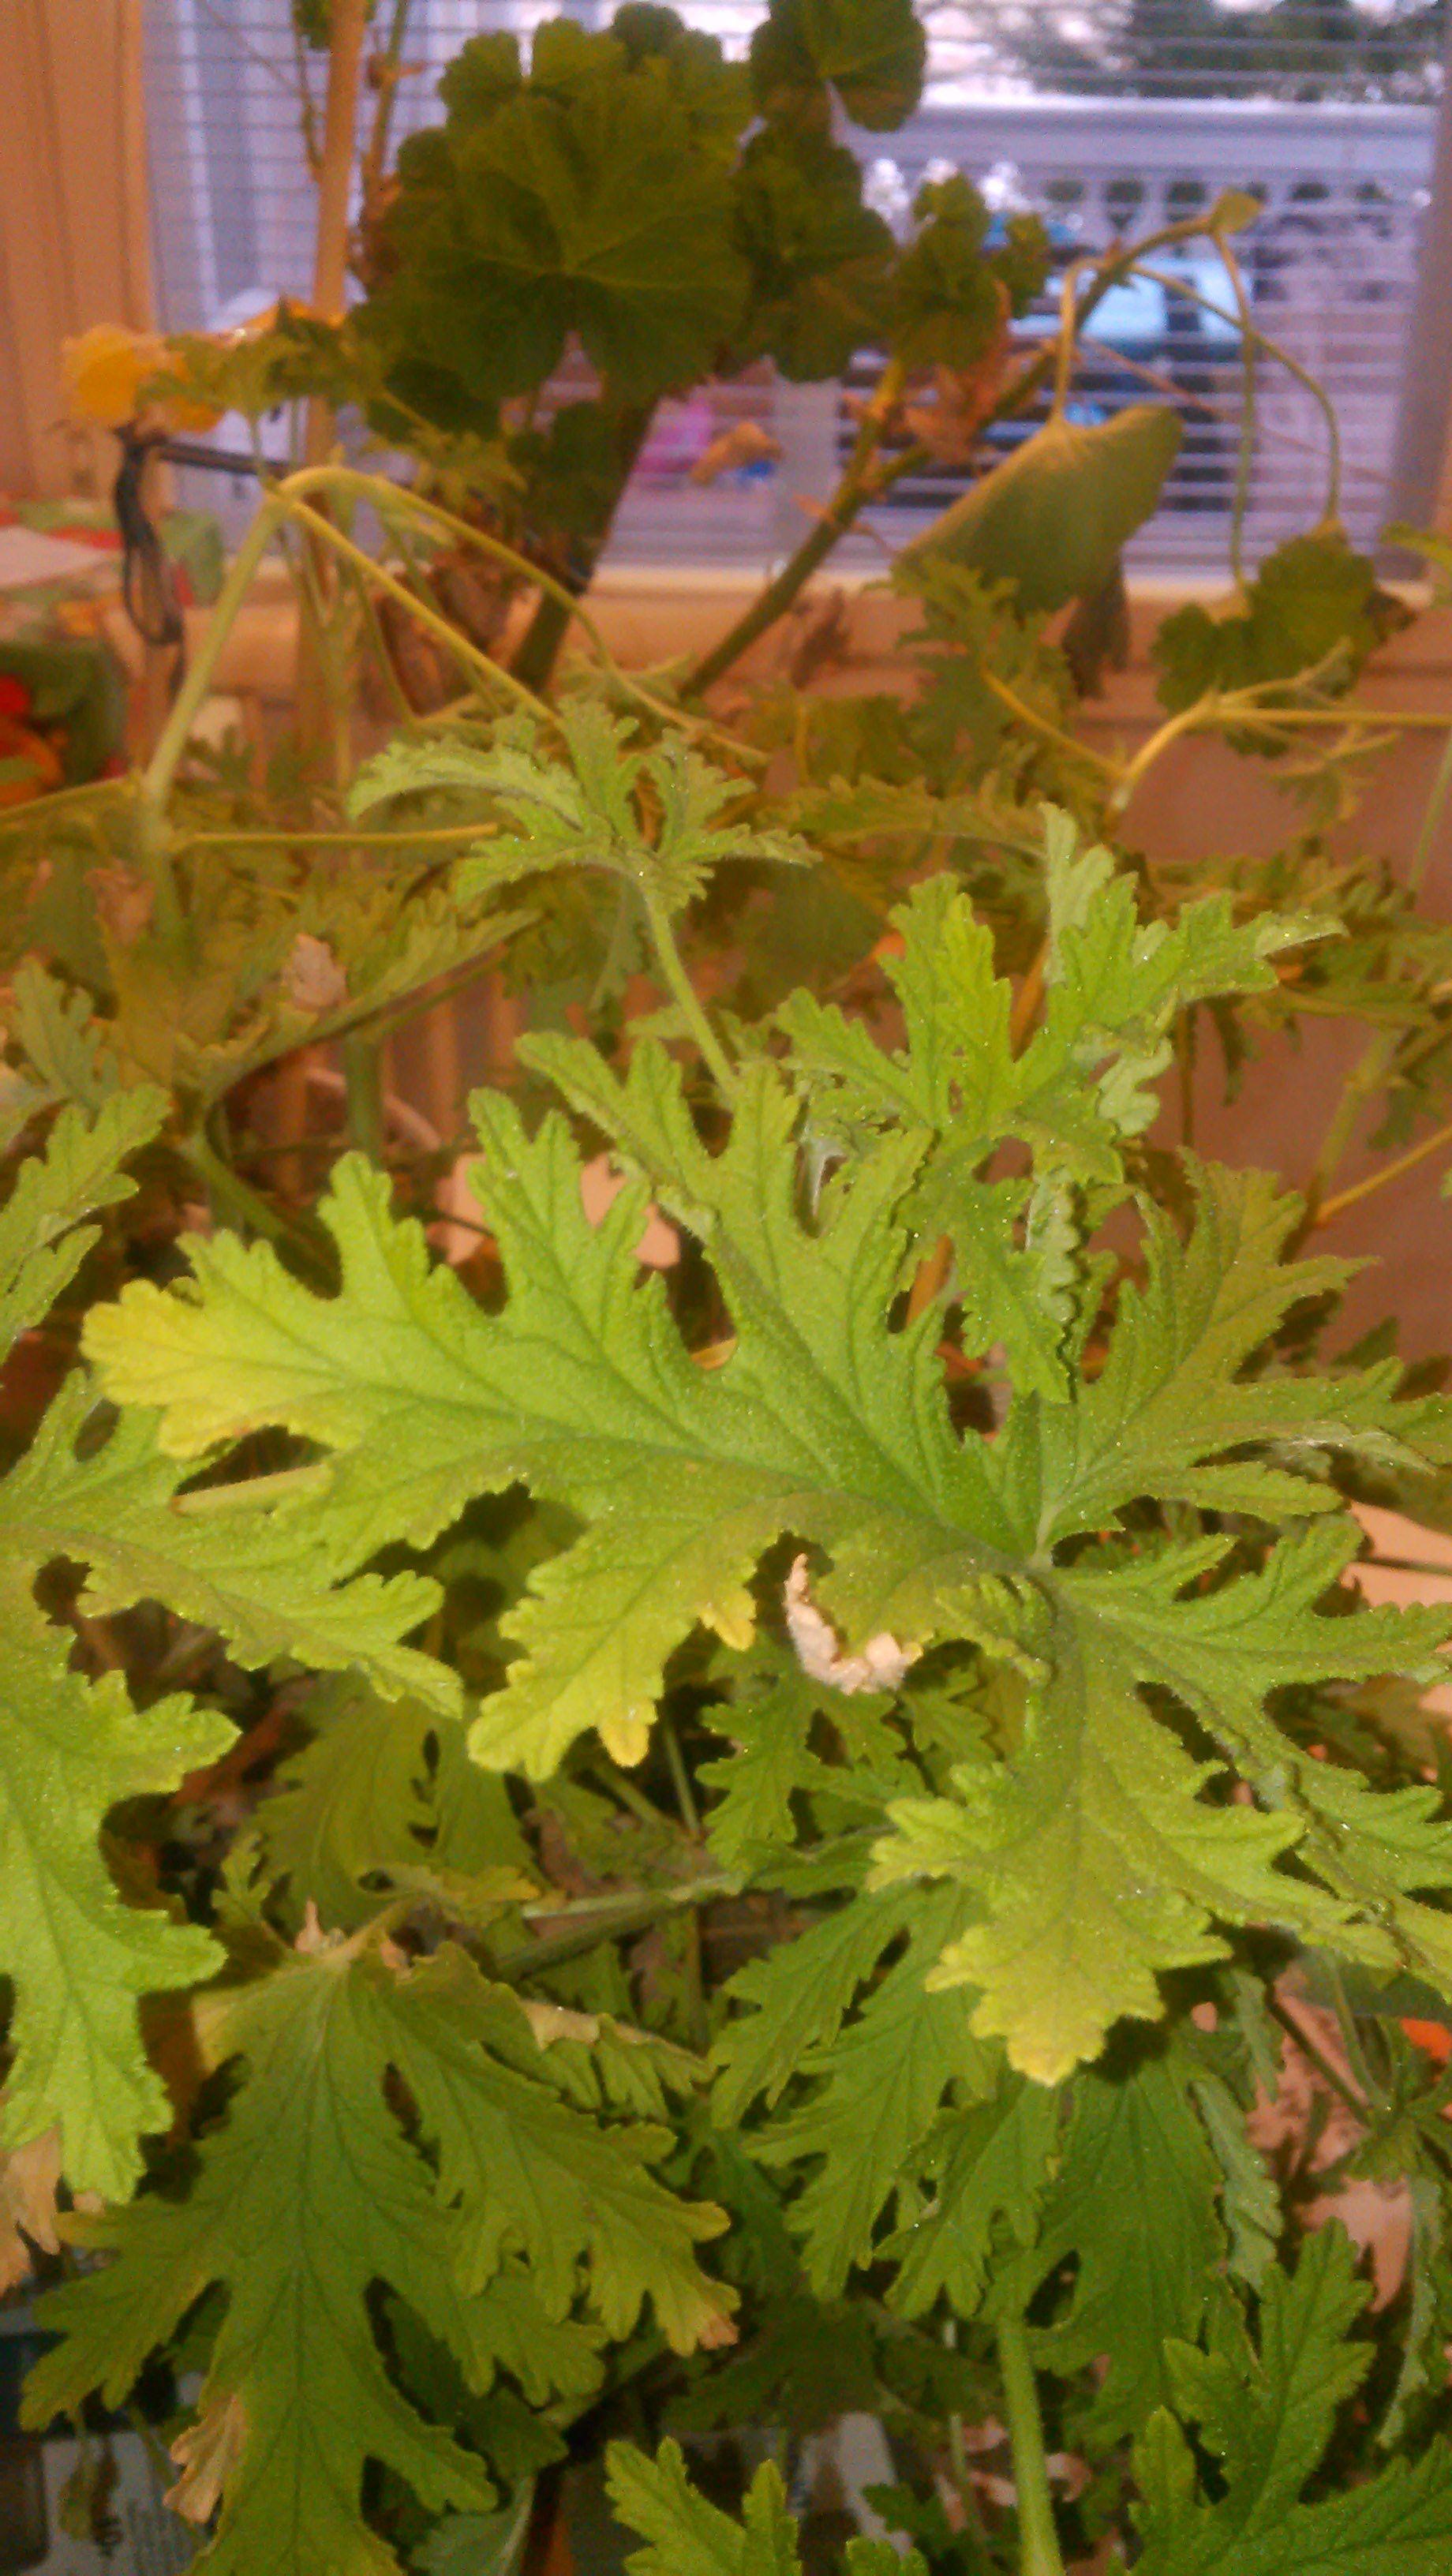 Tuoksupelargoni sai majailla ihan lämpimässä olohuoneessa ja paljon paremmassa kunnossa kuin vintiltä haetut. Pelargonium